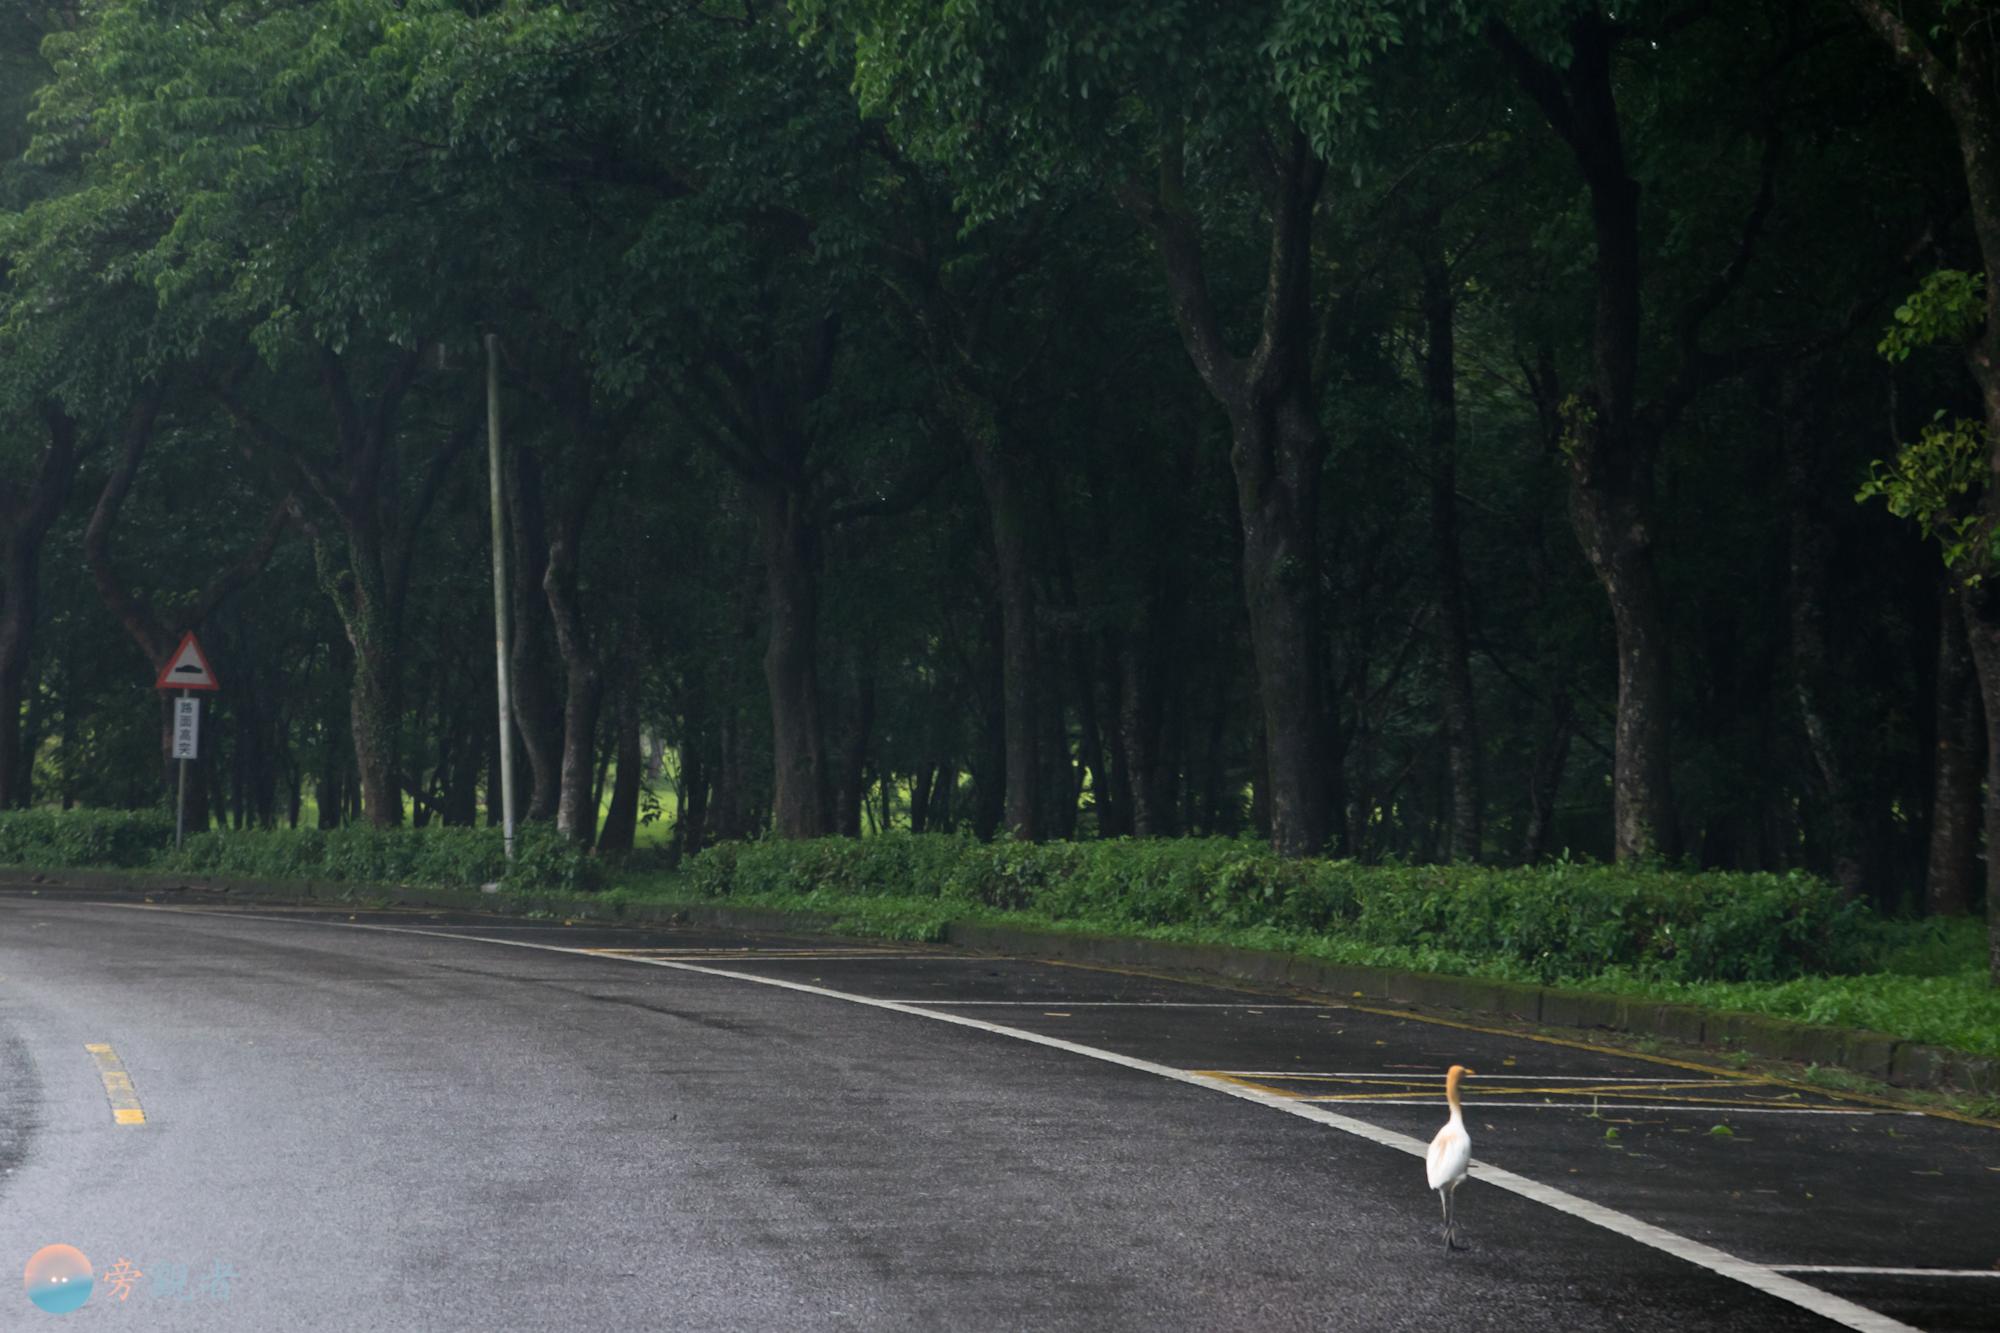 暨南大學校園的道路上有一隻黃頭鷺。南投埔里桃米